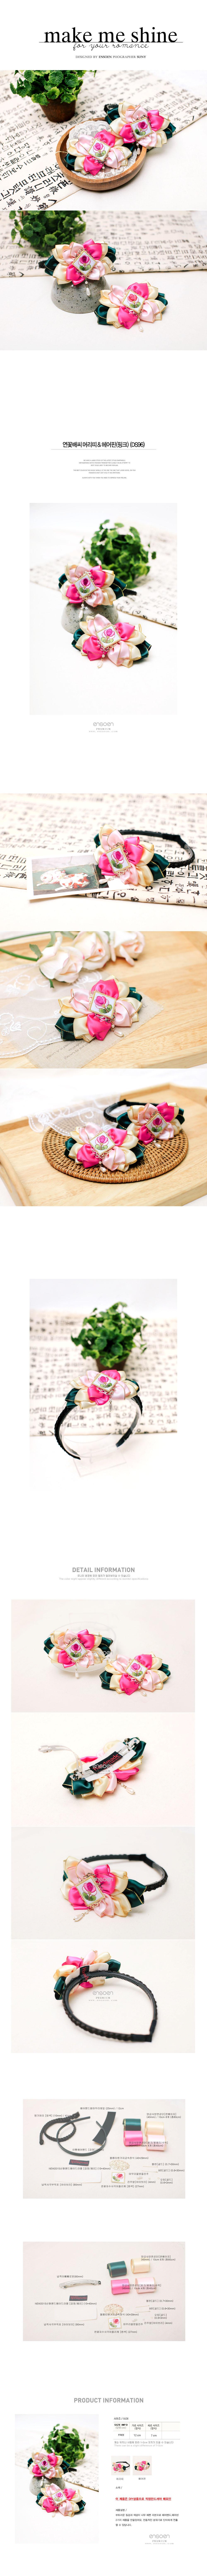 (핑크)연꽃배씨머리띠 헤어핀 (DIY-DS96) - 엔소엔, 4,000원, 리본공예, 리본공예 패키지